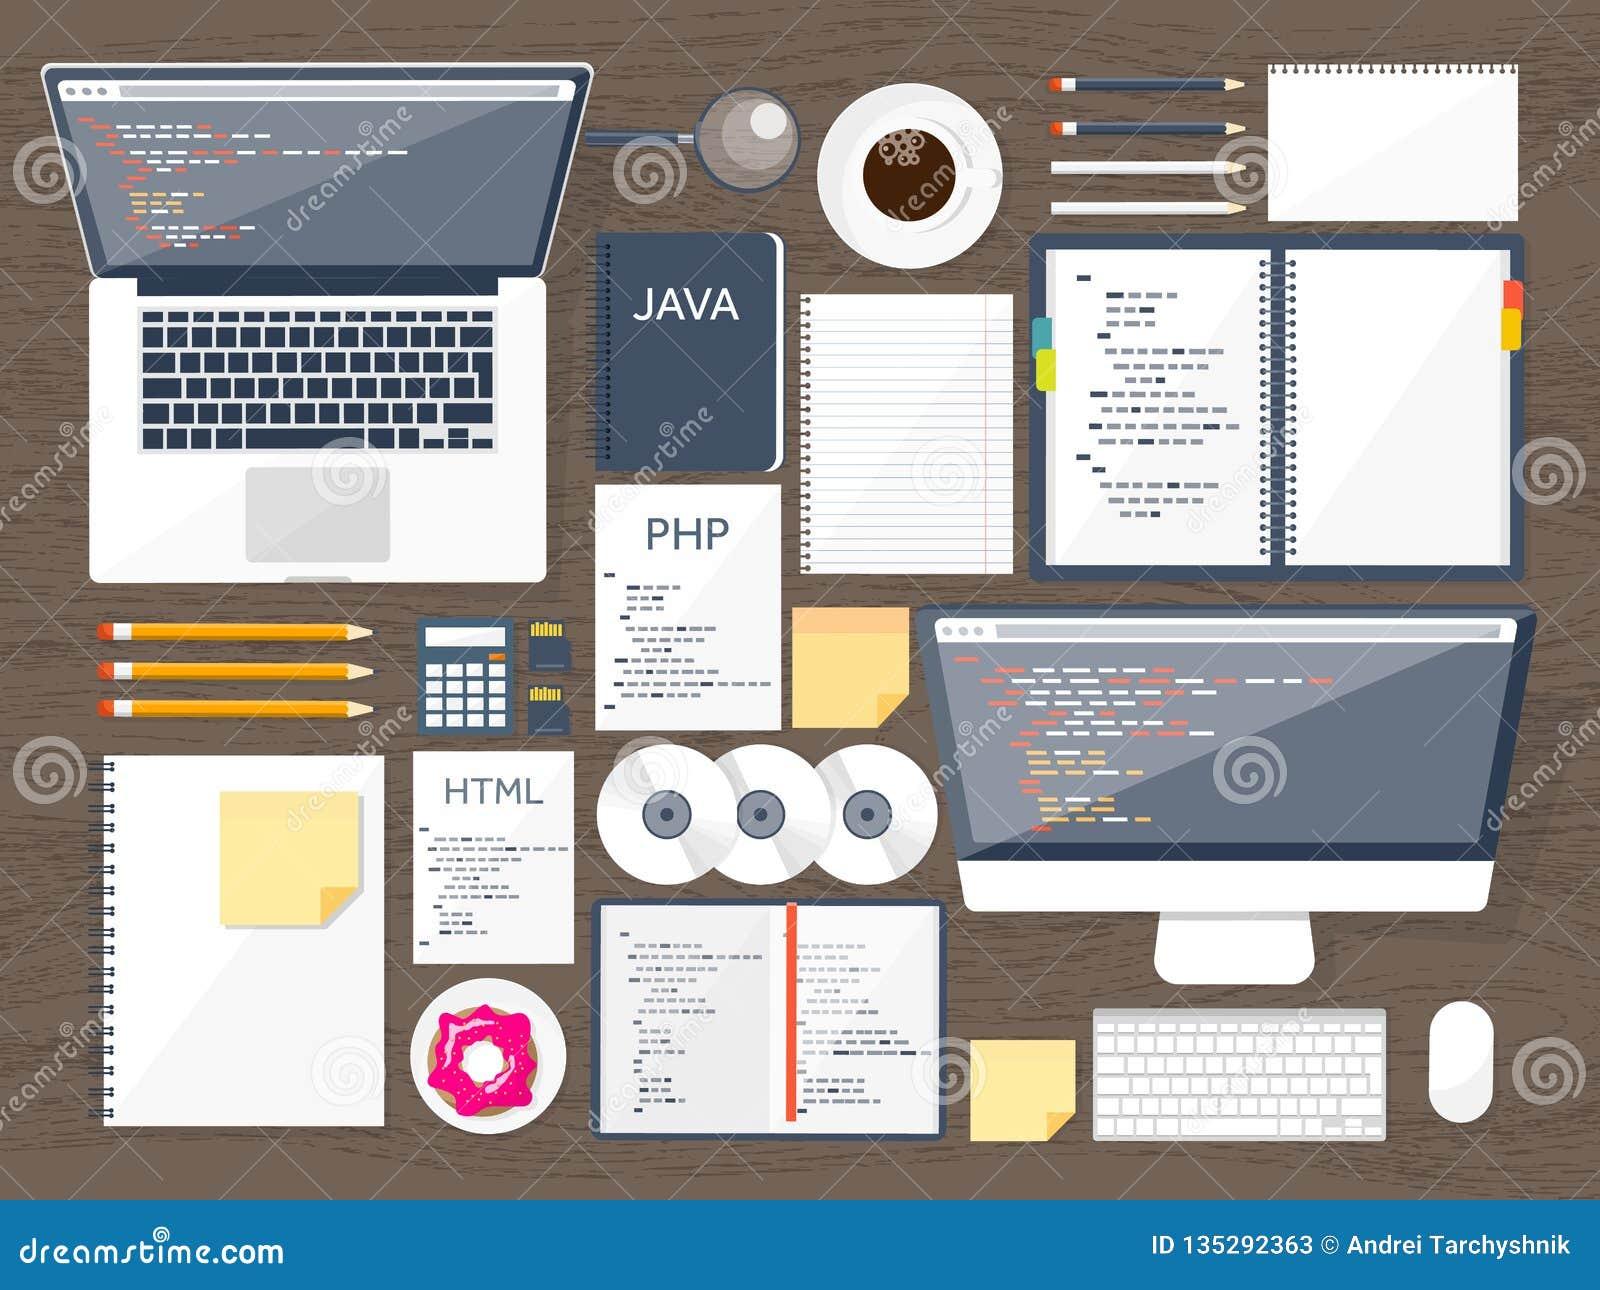 Programmering, het coderen Vlakke gegevensverwerkingsachtergrond Code, hardware, software Webontwikkeling De motoroptimalisering